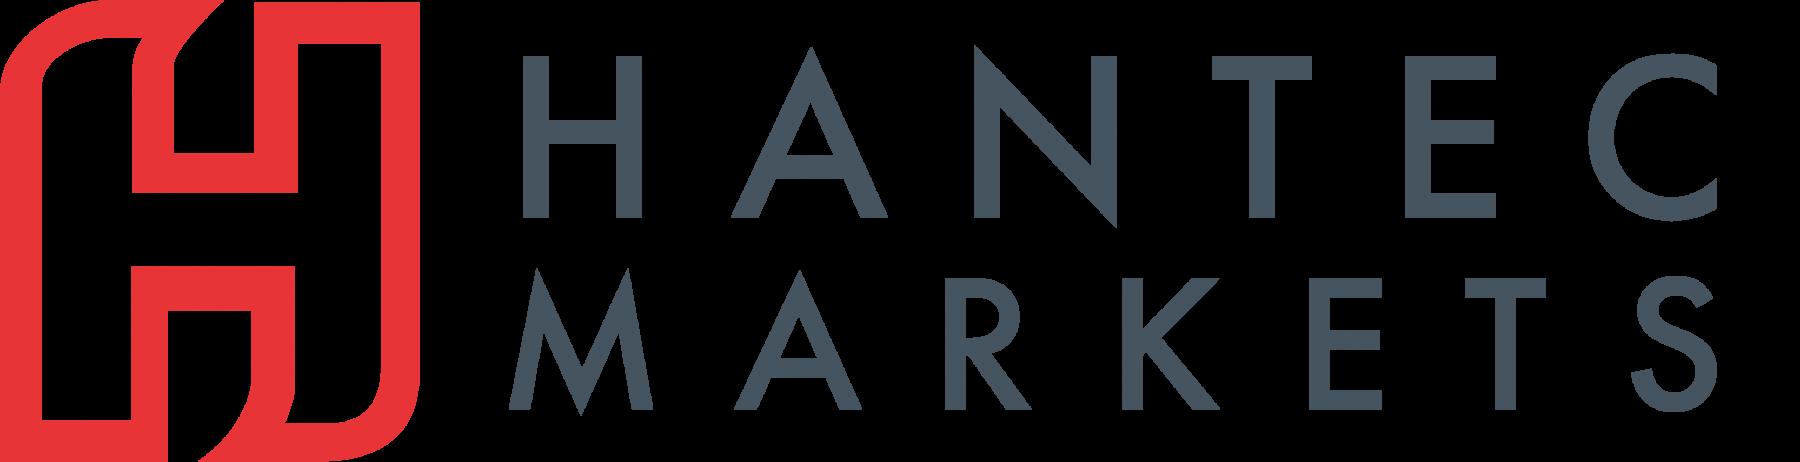 Hantec-Markets-1